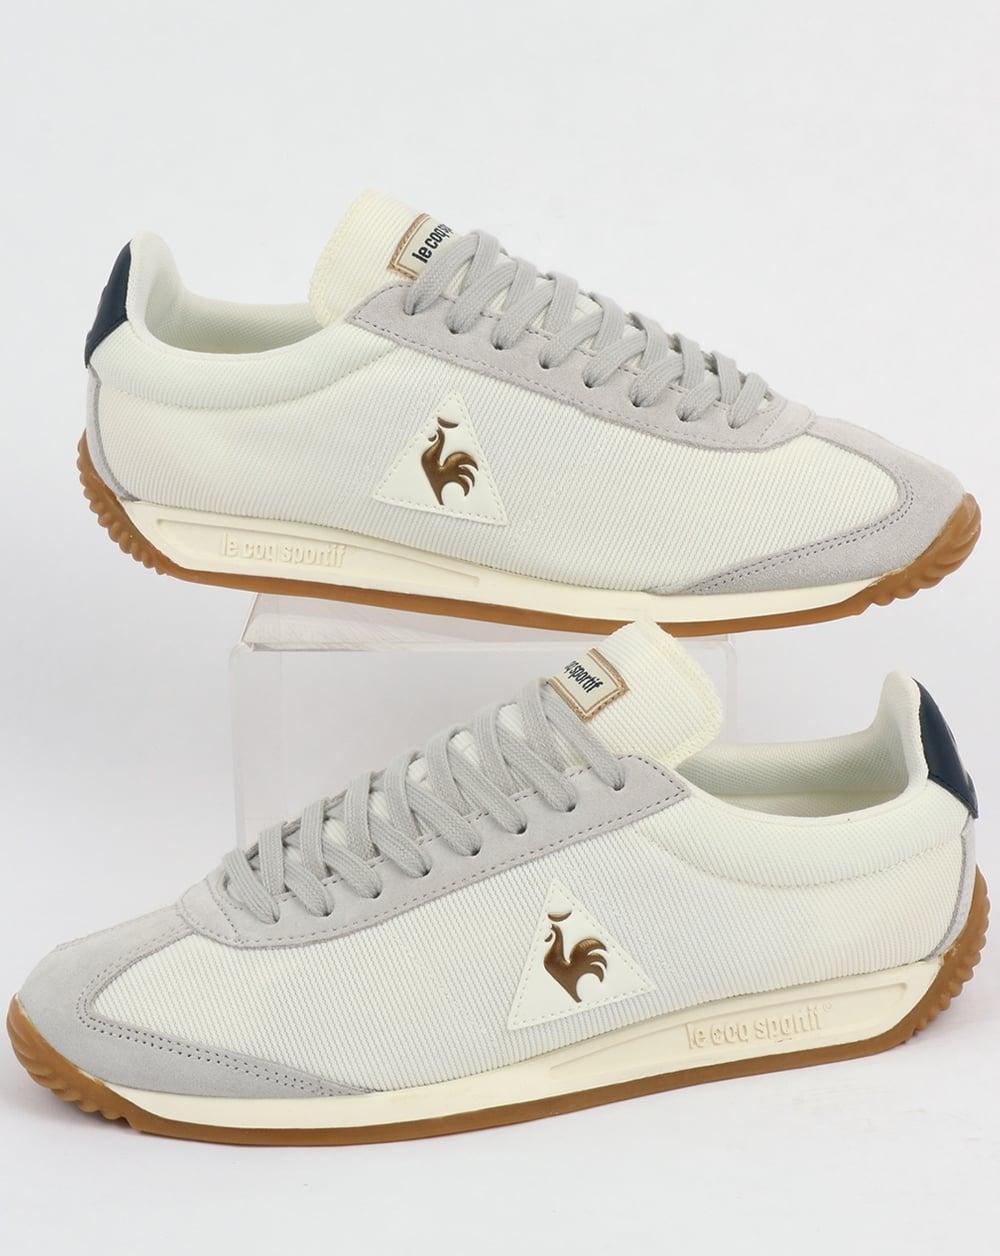 Le Coq Sportif Quartz Gum Trainers Marshmallow,shoes